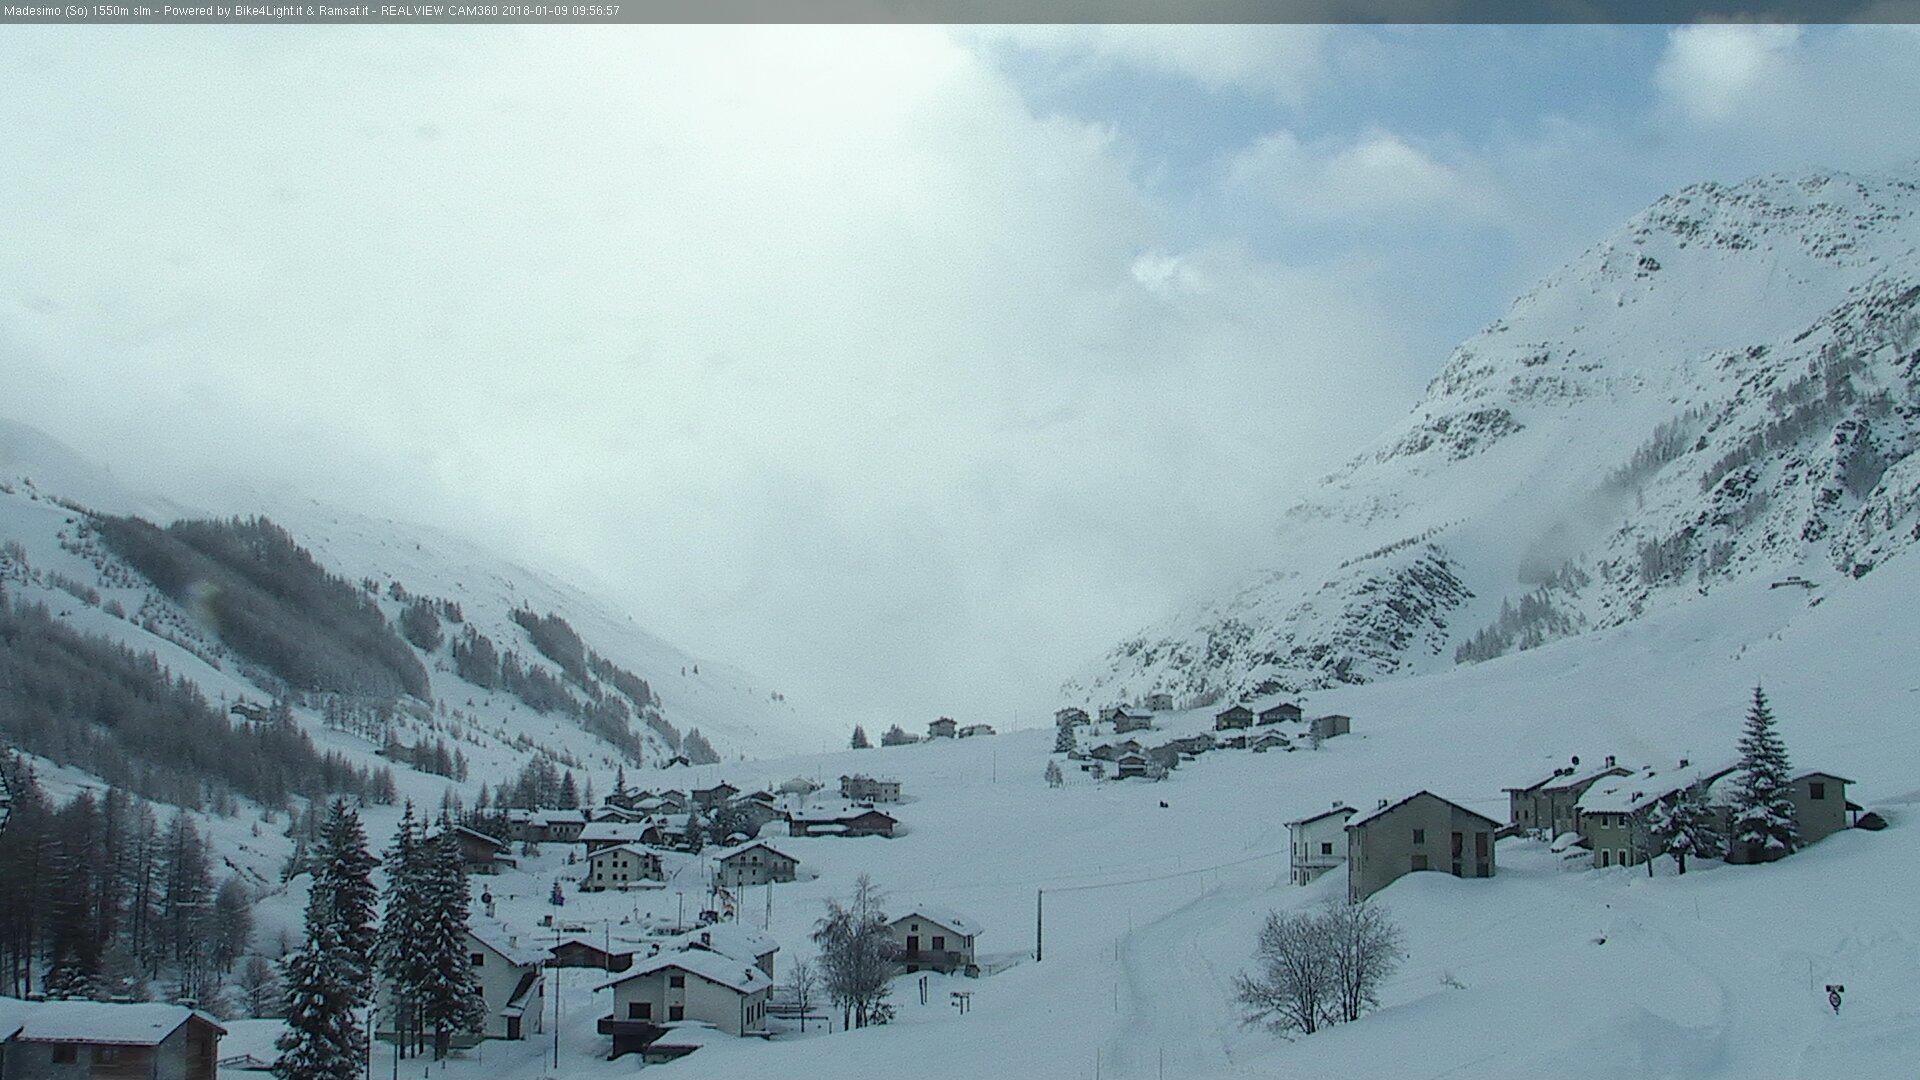 Grande nevicata sulle Alpi 9 gennaio 2018, Madesimo (SO)